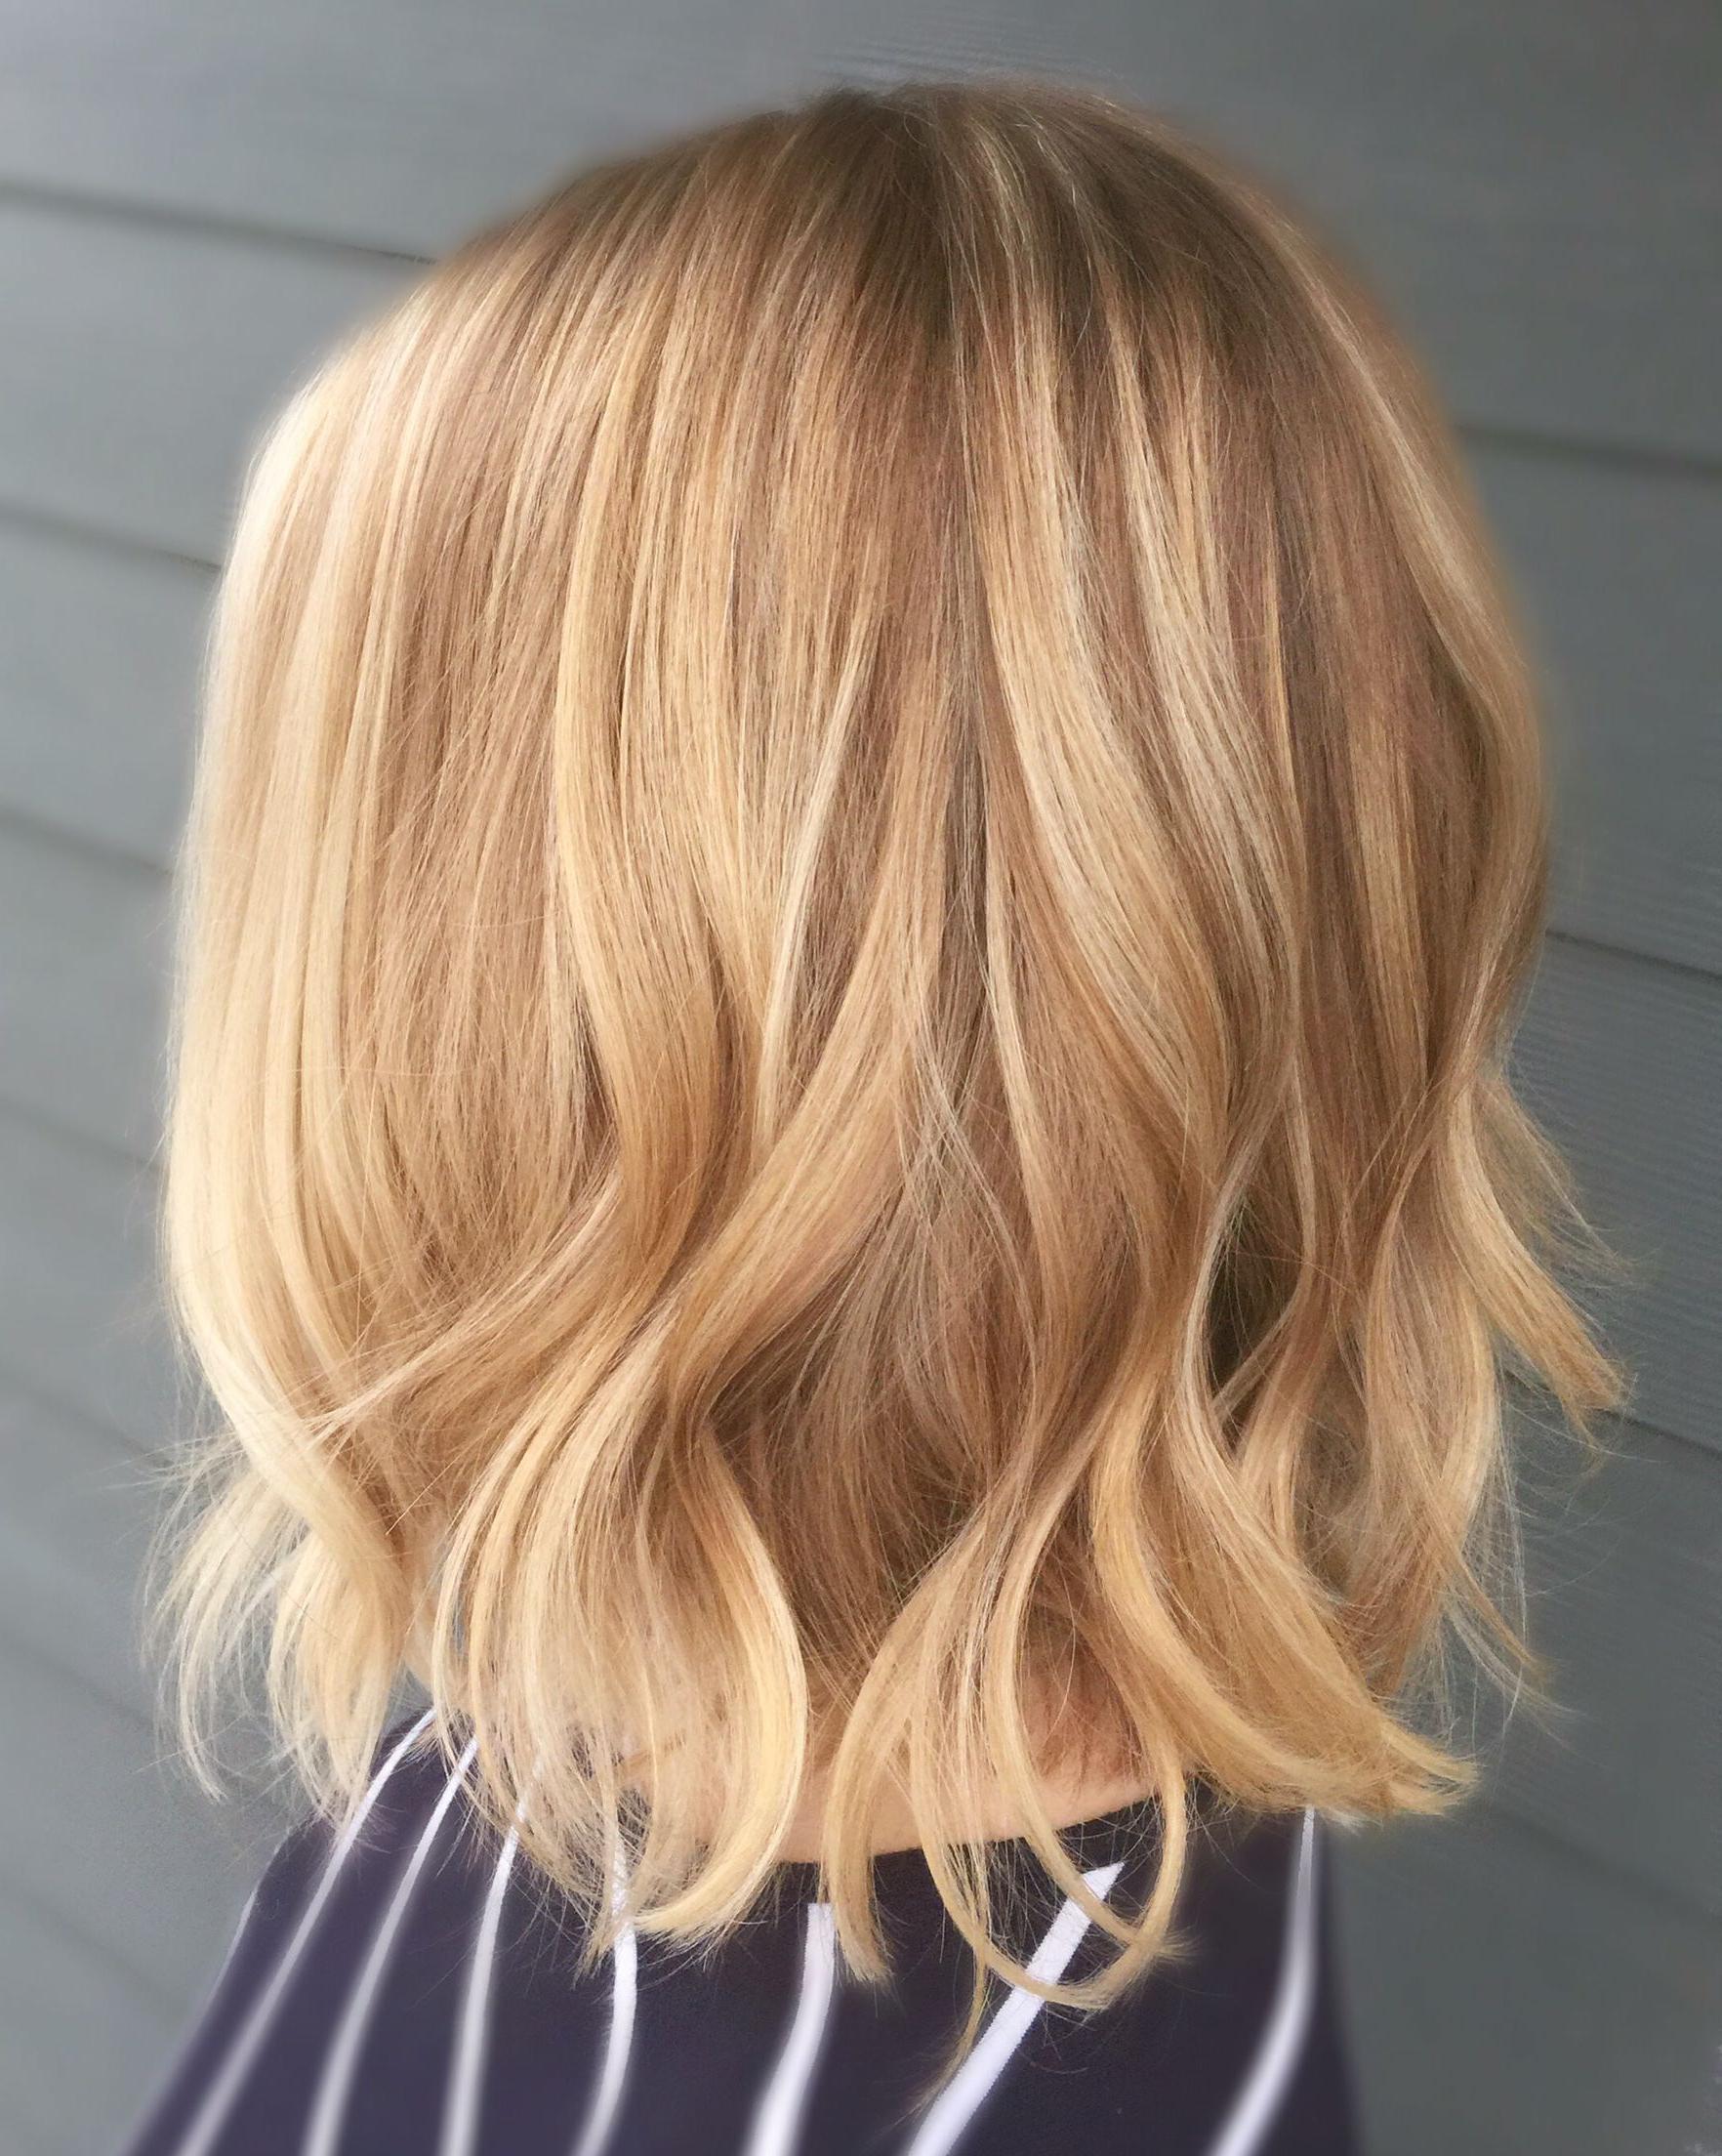 Blonde Balayage – Short Hair – Wavy – Lob – Curled Hair Regarding Warm Blonde Balayage Hairstyles (View 11 of 20)